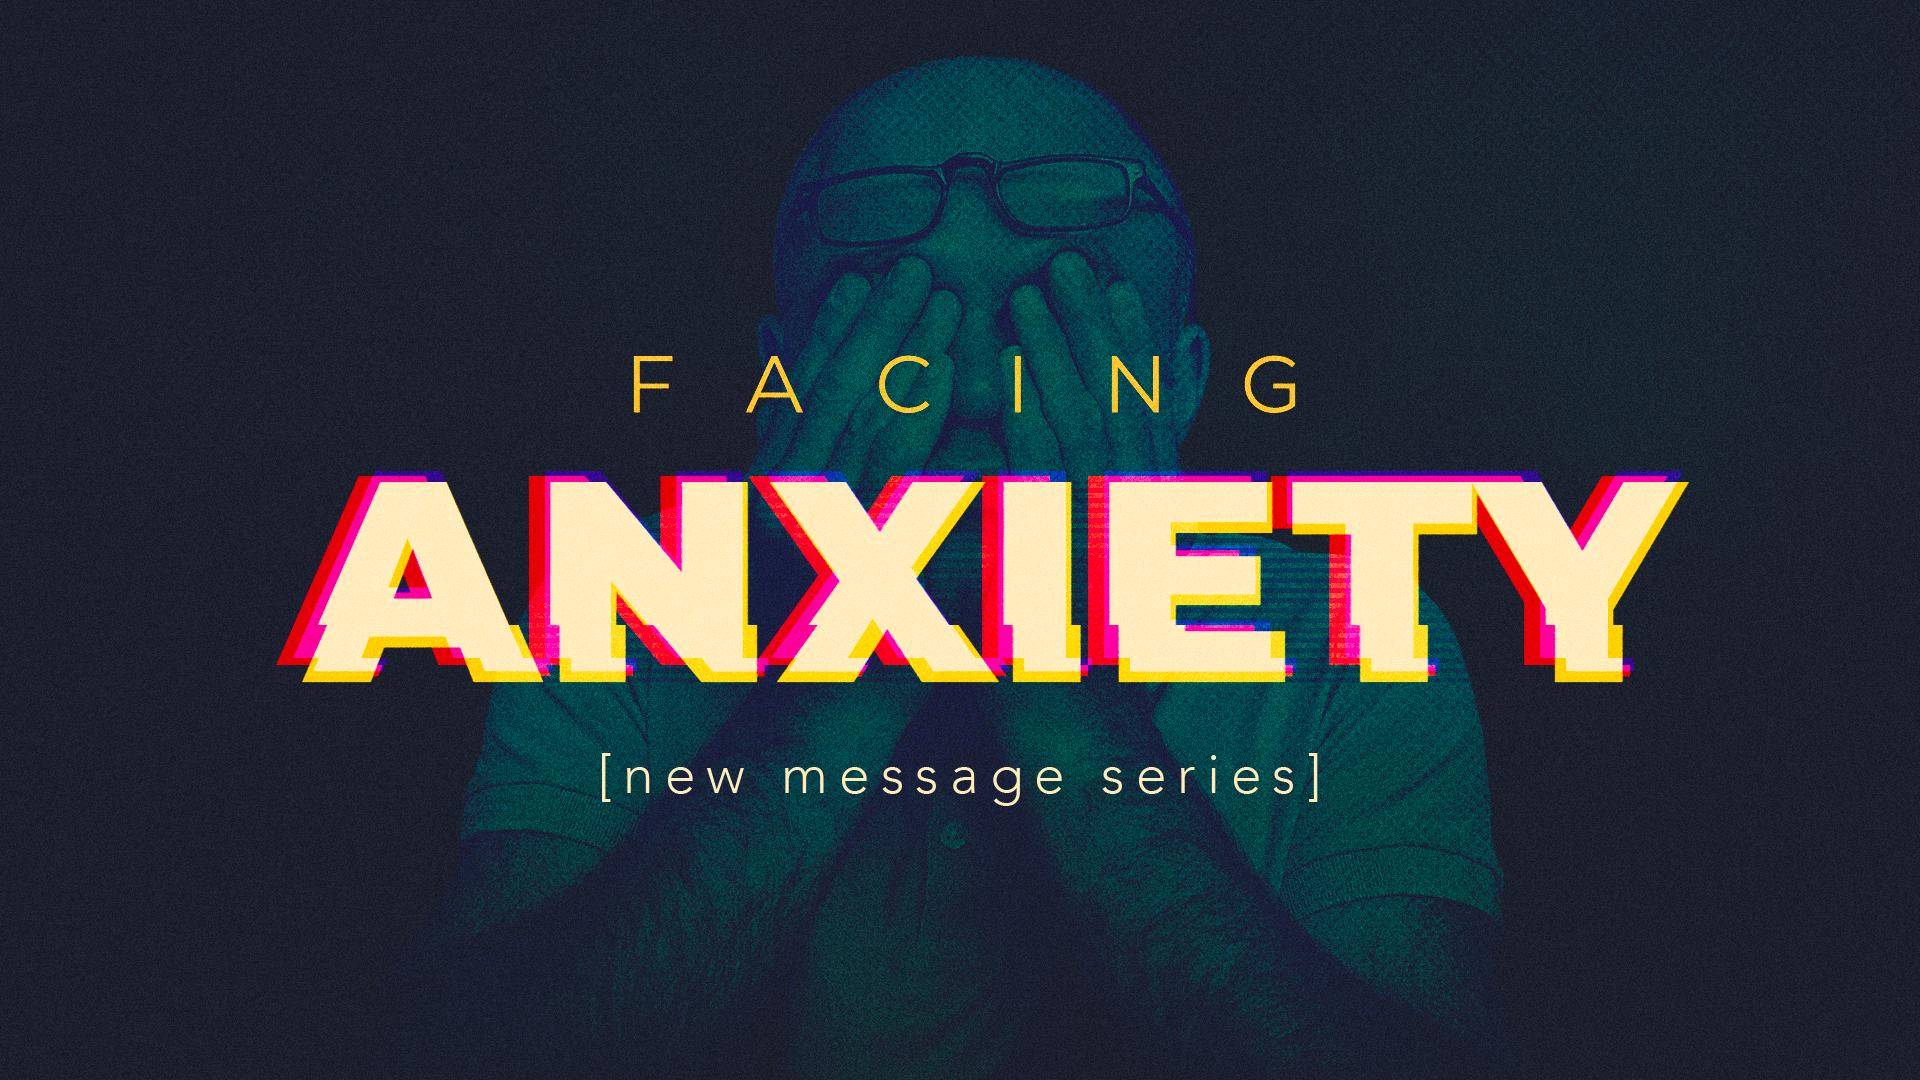 FacingAnxiety_1920x1080_new.png